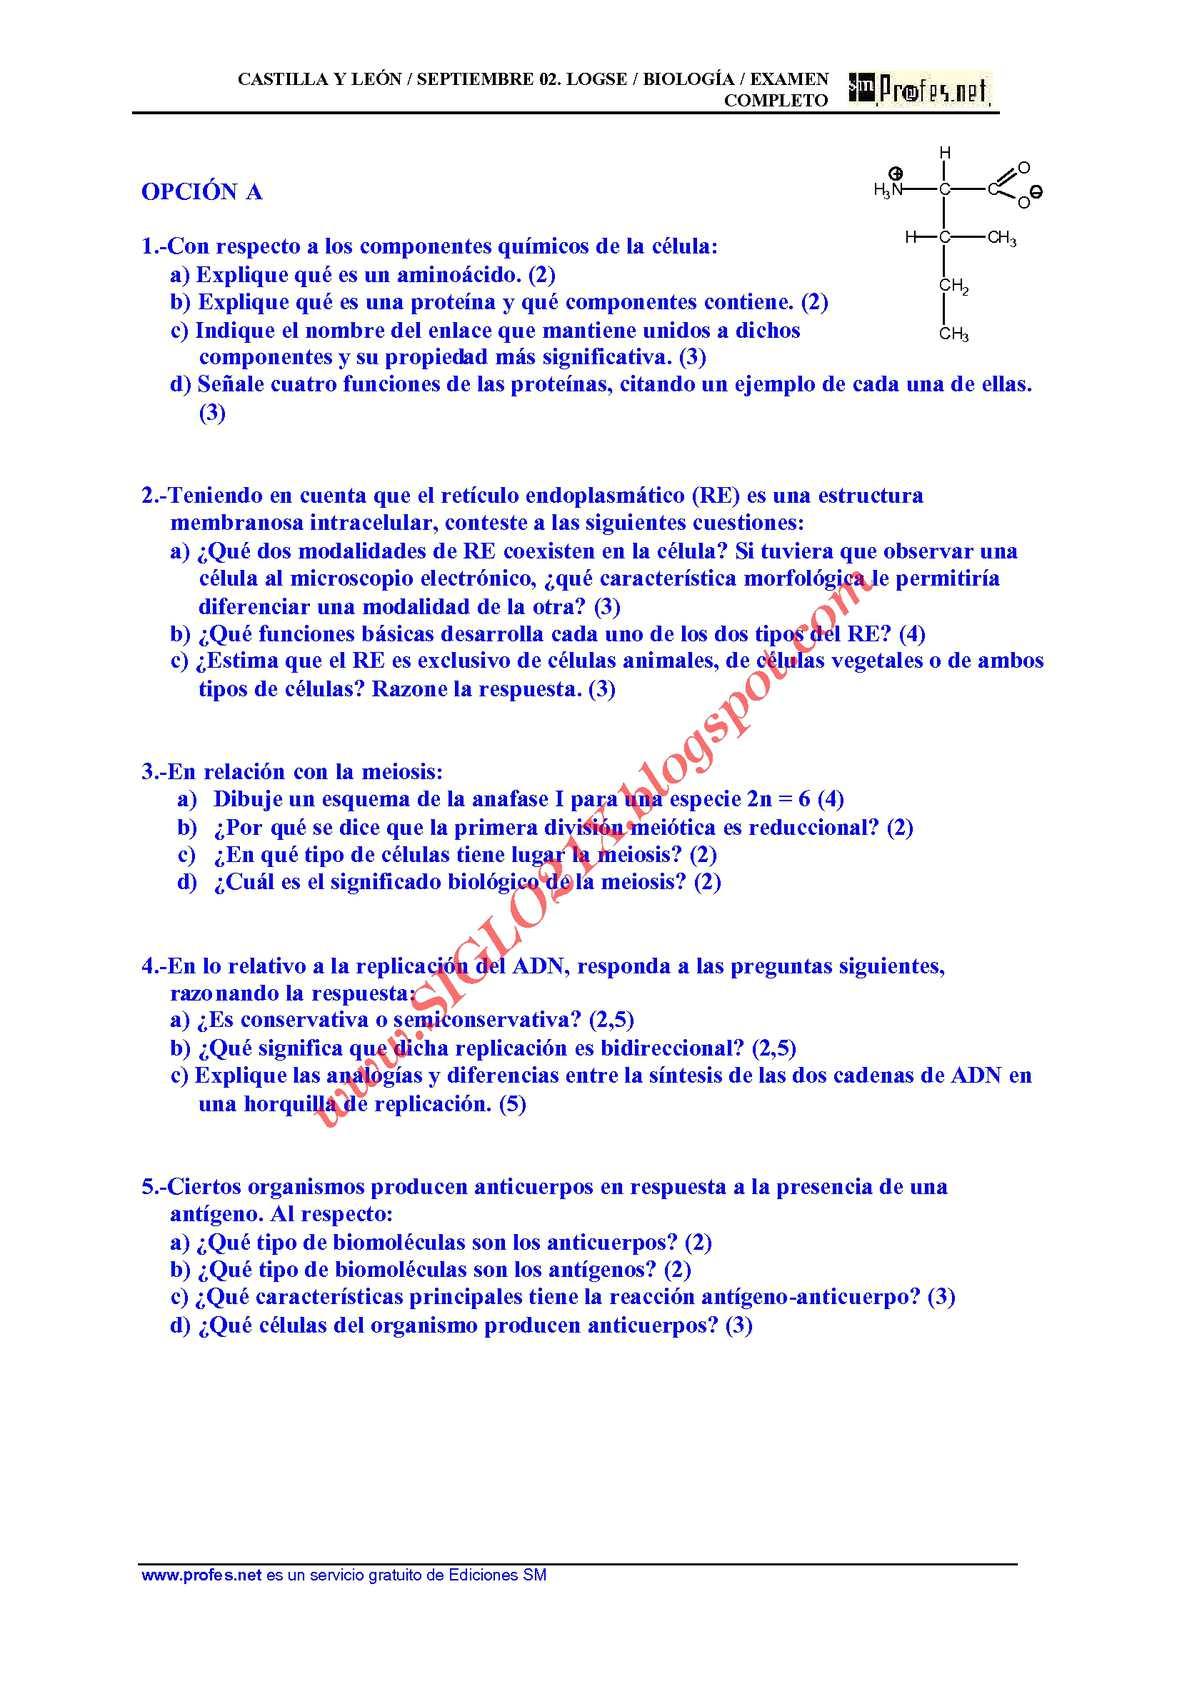 Calaméo Biologia Selectividad Examen 9 Resuelto Castilla Y